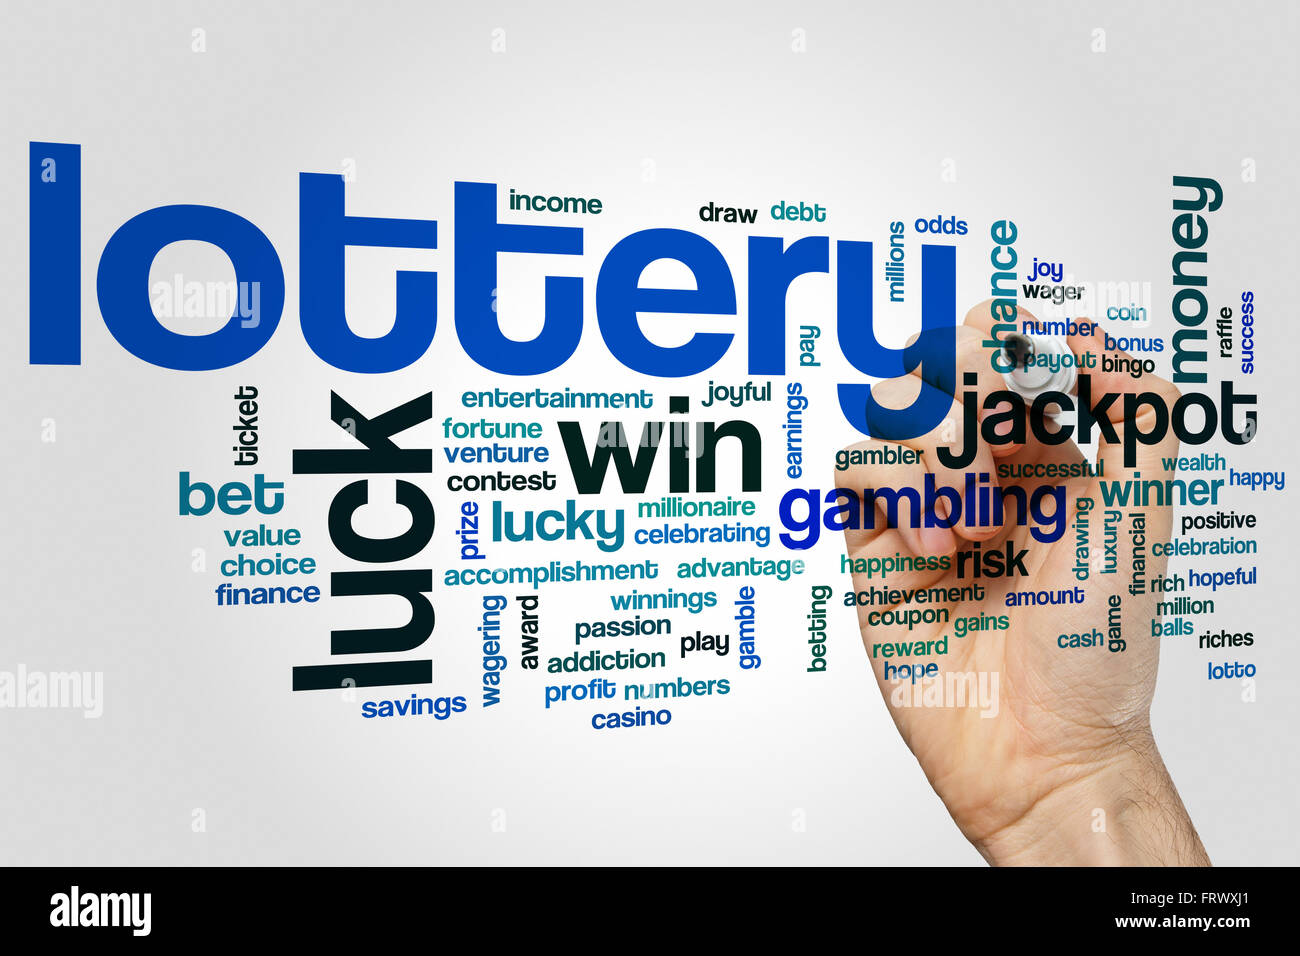 online casino sign up free bonus